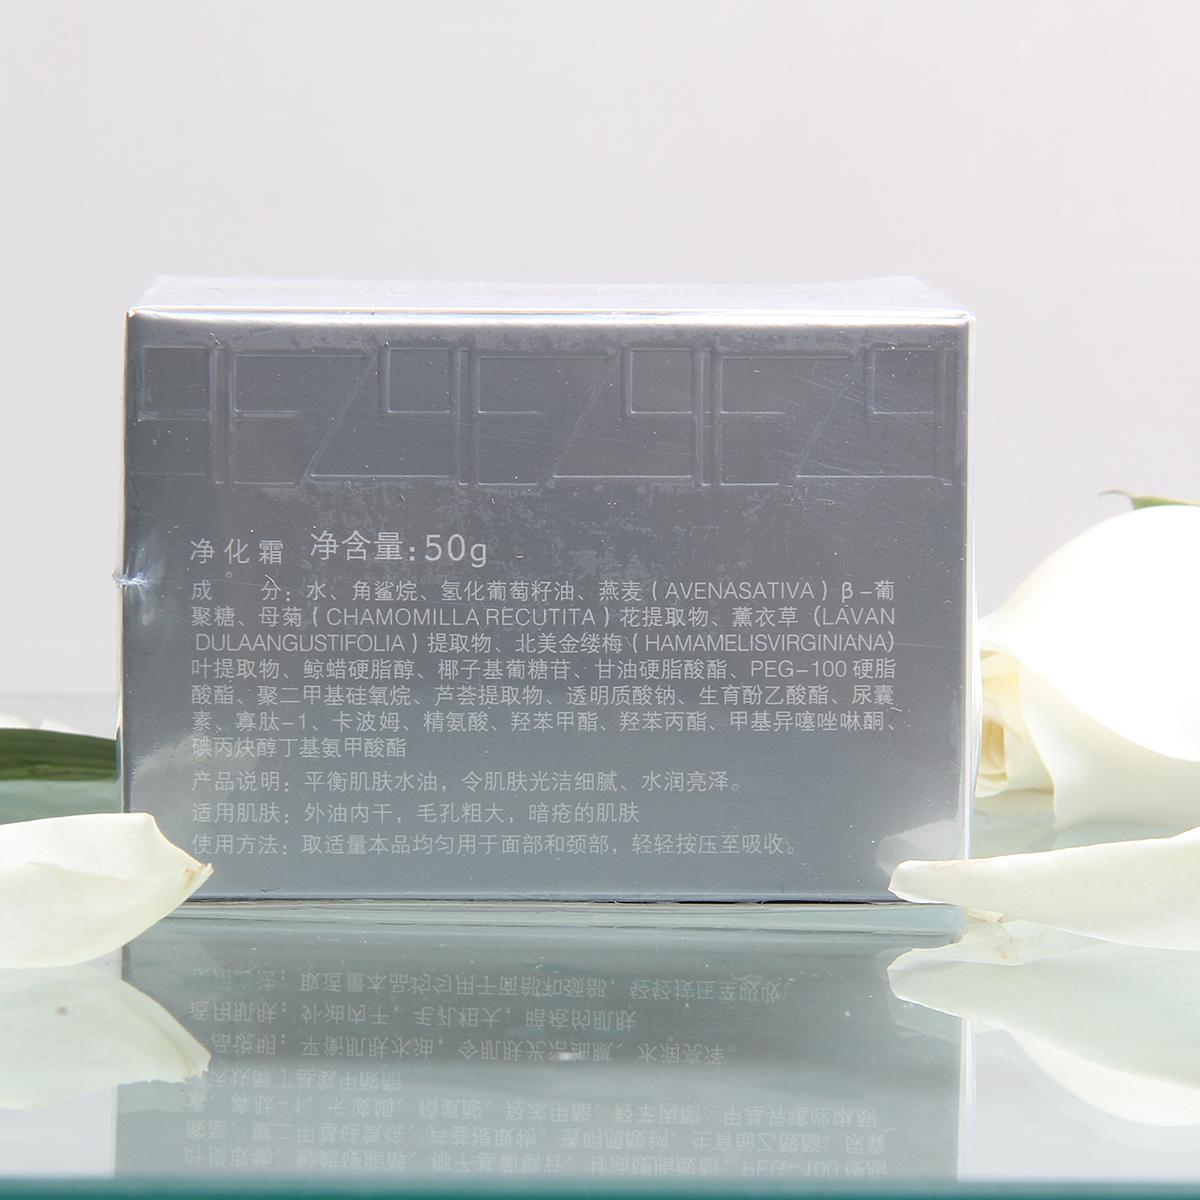 光洁细腻调节水油平衡50g净化霜CT美容院专柜正品雅梵哲化妆品